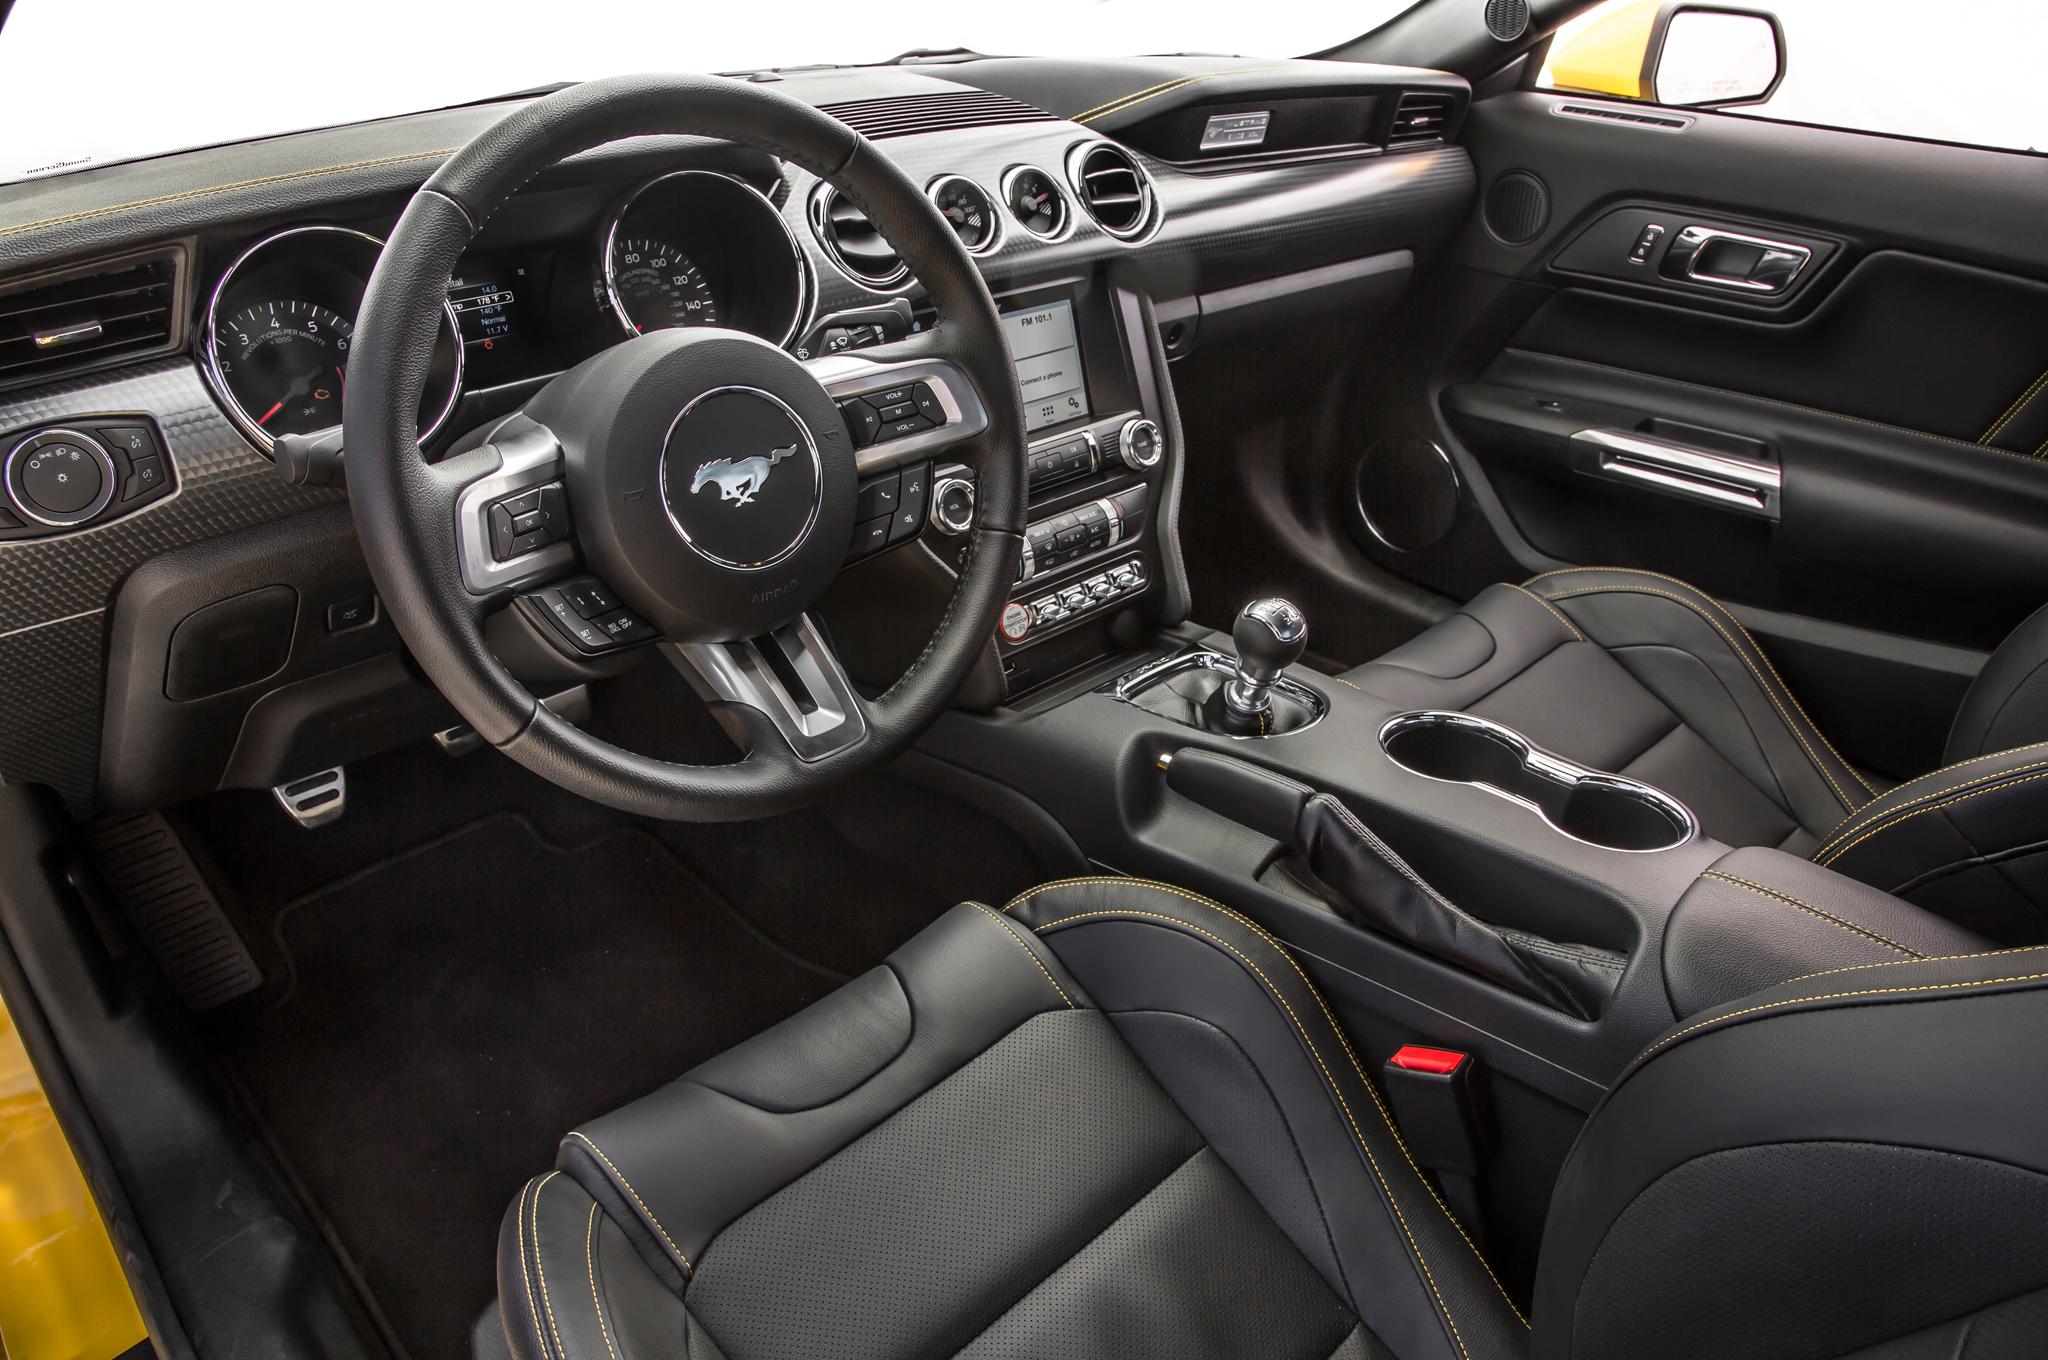 Novo Ford Mustang 2017 - Preço, Consumo, Ficha Técnica ...